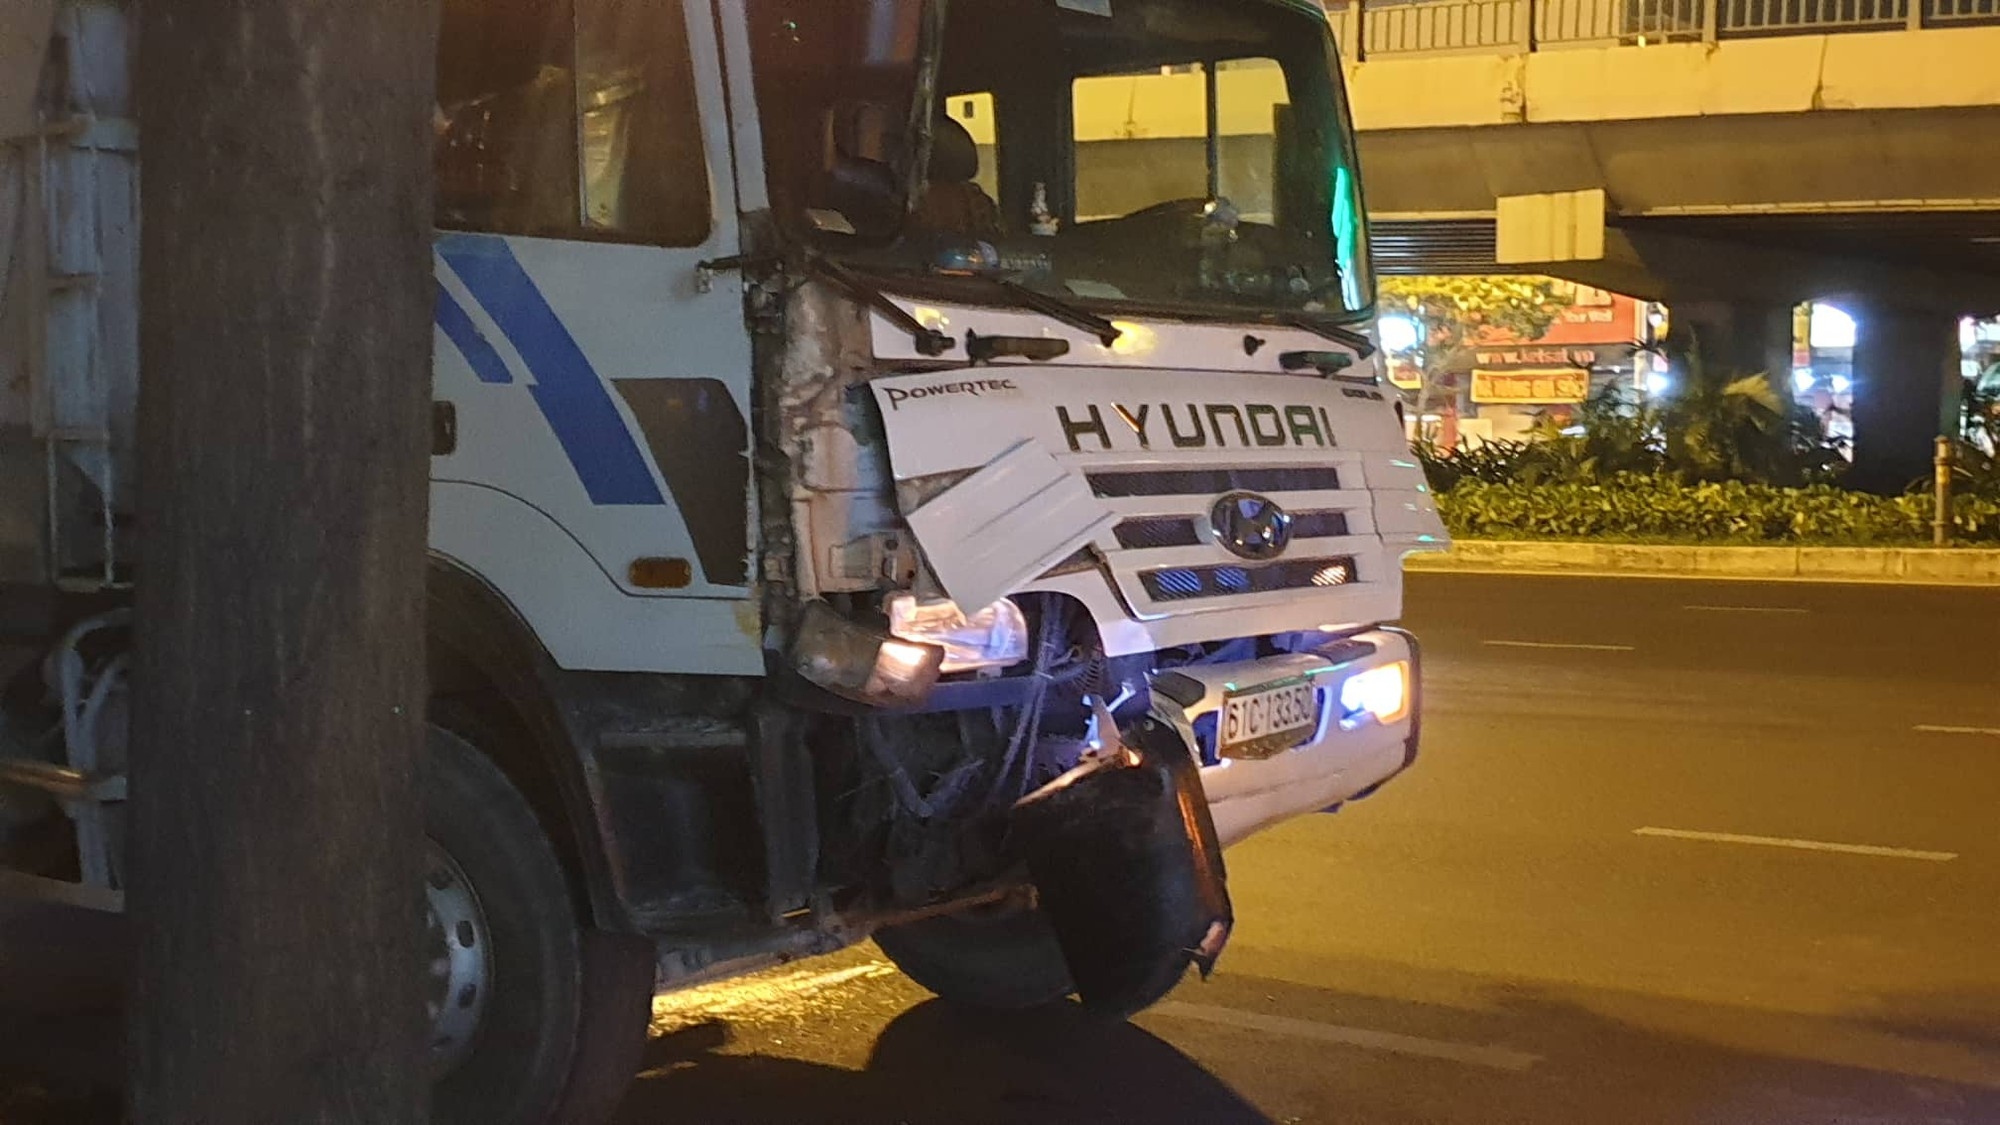 Xe giường nằm Phương Trang bị xe ben húc tại ngã tư Hàng Xanh, hành khách khóc thét kêu cứu-3